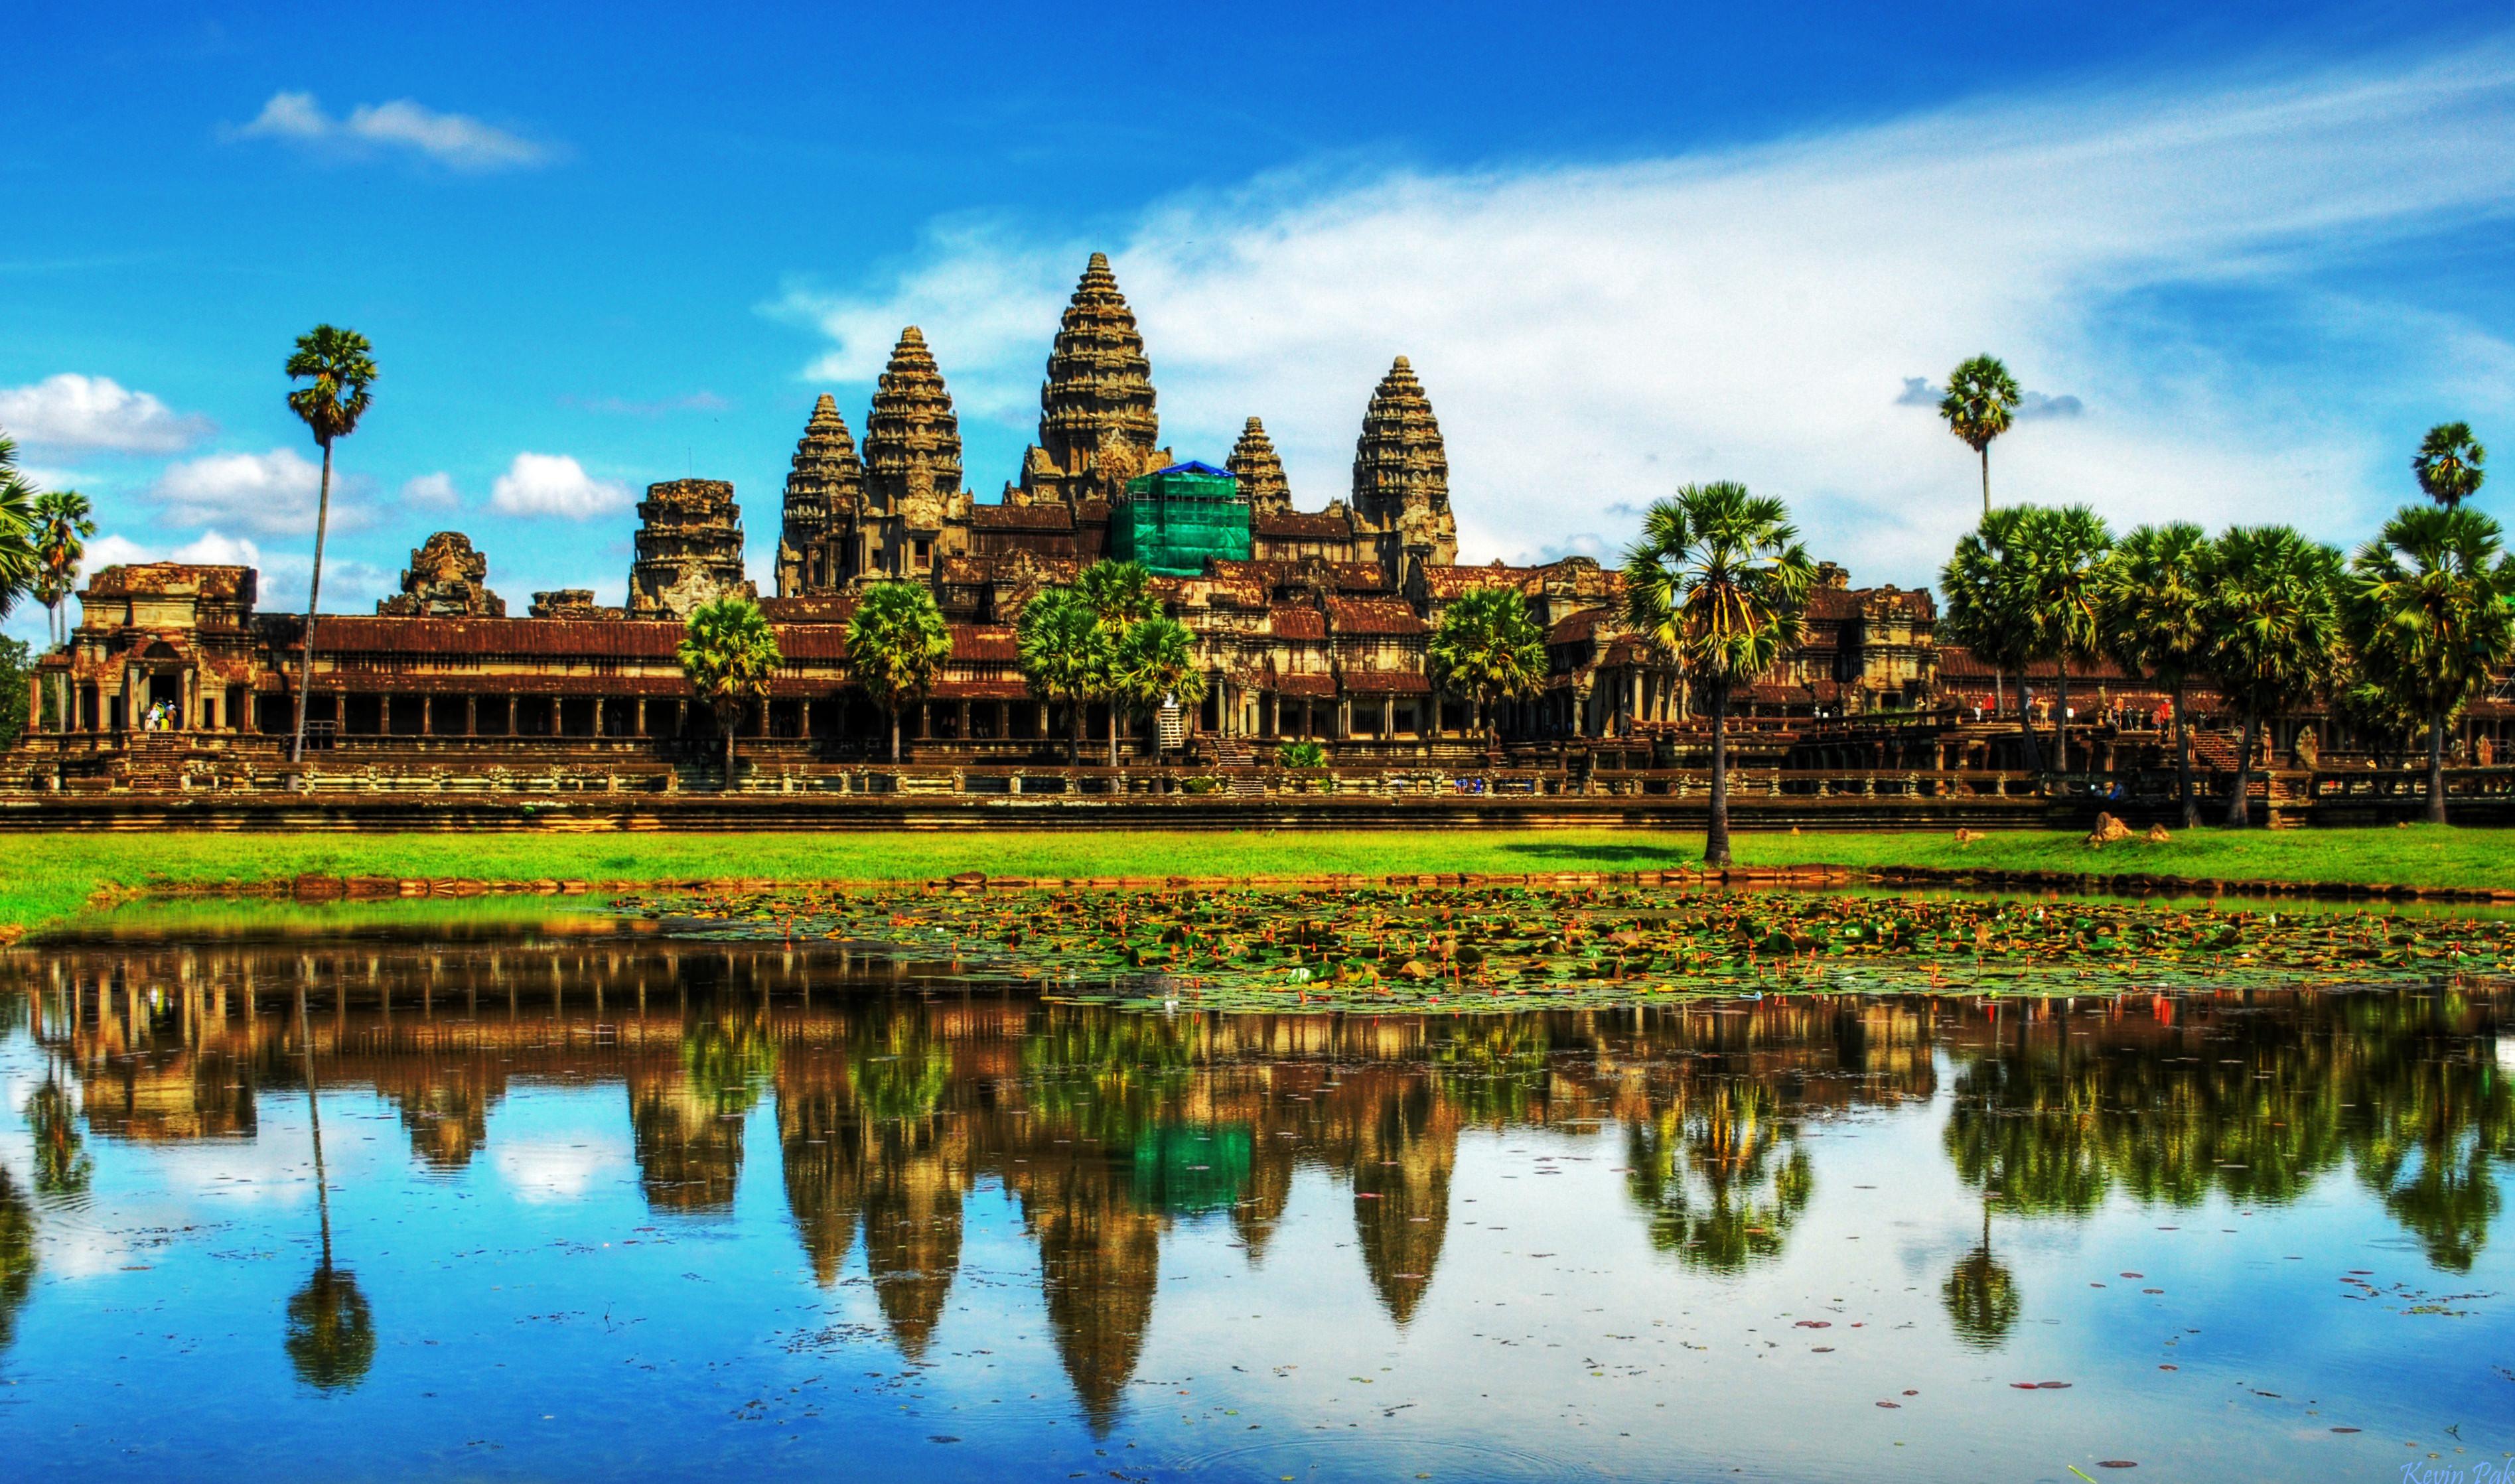 Angkor Wat là nơi vua Jayavarman II xây dựng để thờ cúng, tu thân và là công trình còn toàn vẹn và đẹp nhất trong quần thể.